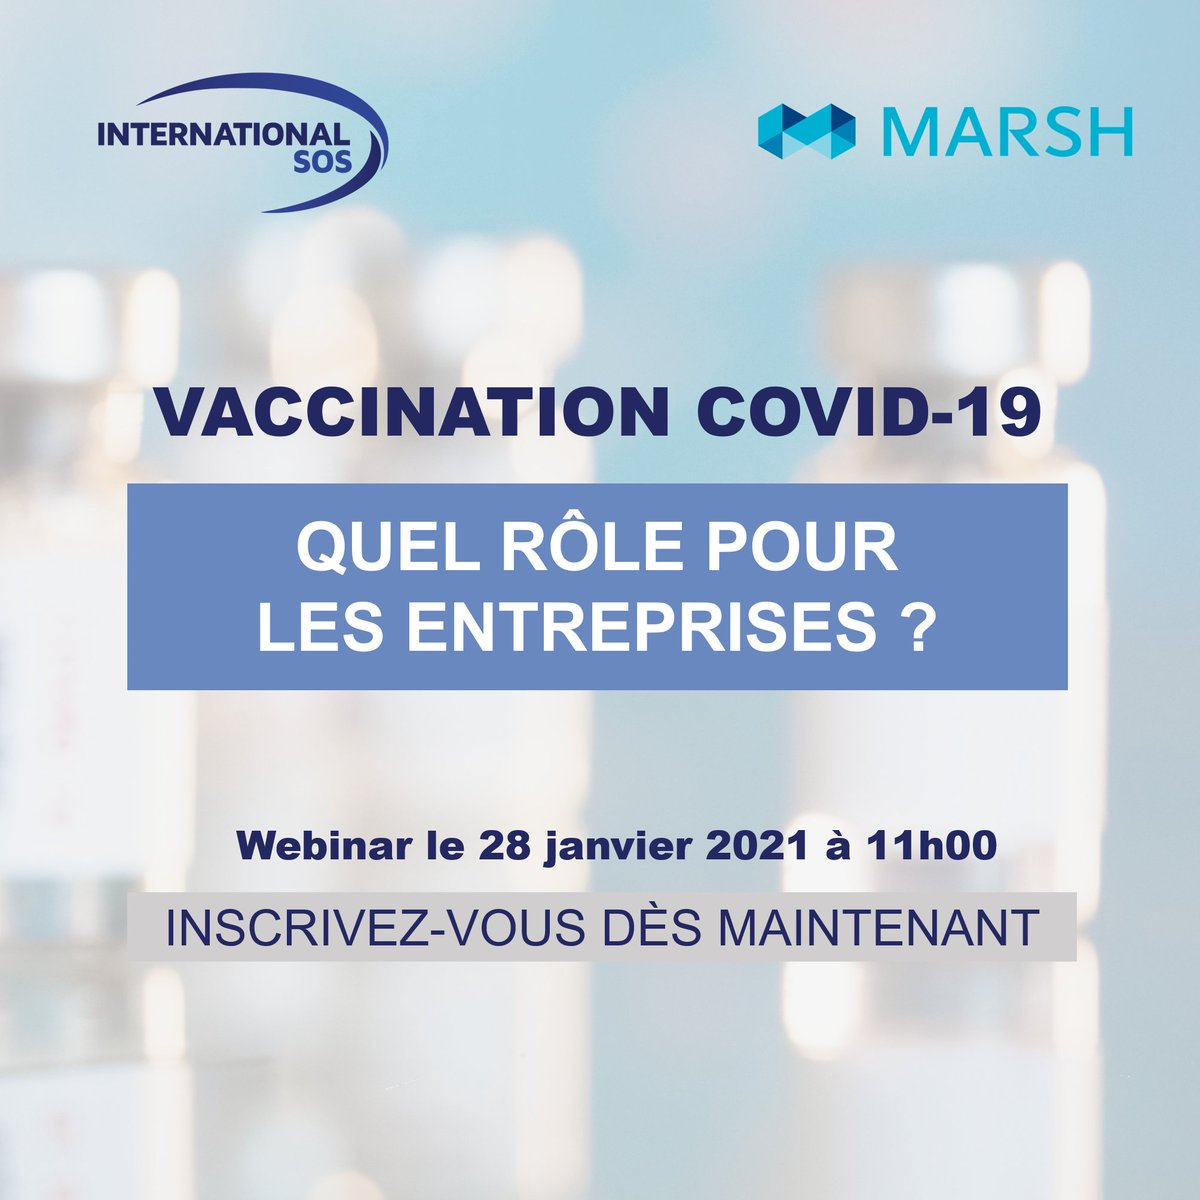 📺 [WEBINAR 28/01] #vaccination #COVID19et rôle des entreprises  Le Dr Philippe Guibert, Directeur Médical Régional et Consulting Santé pour @International SOS , vous répond dans ce webinar co-organisé avec @Marsh France.    Inscrivez-vous ici👉 : https://t.co/ZUgXQ9rN0Z https://t.co/dVcfRzzPiB